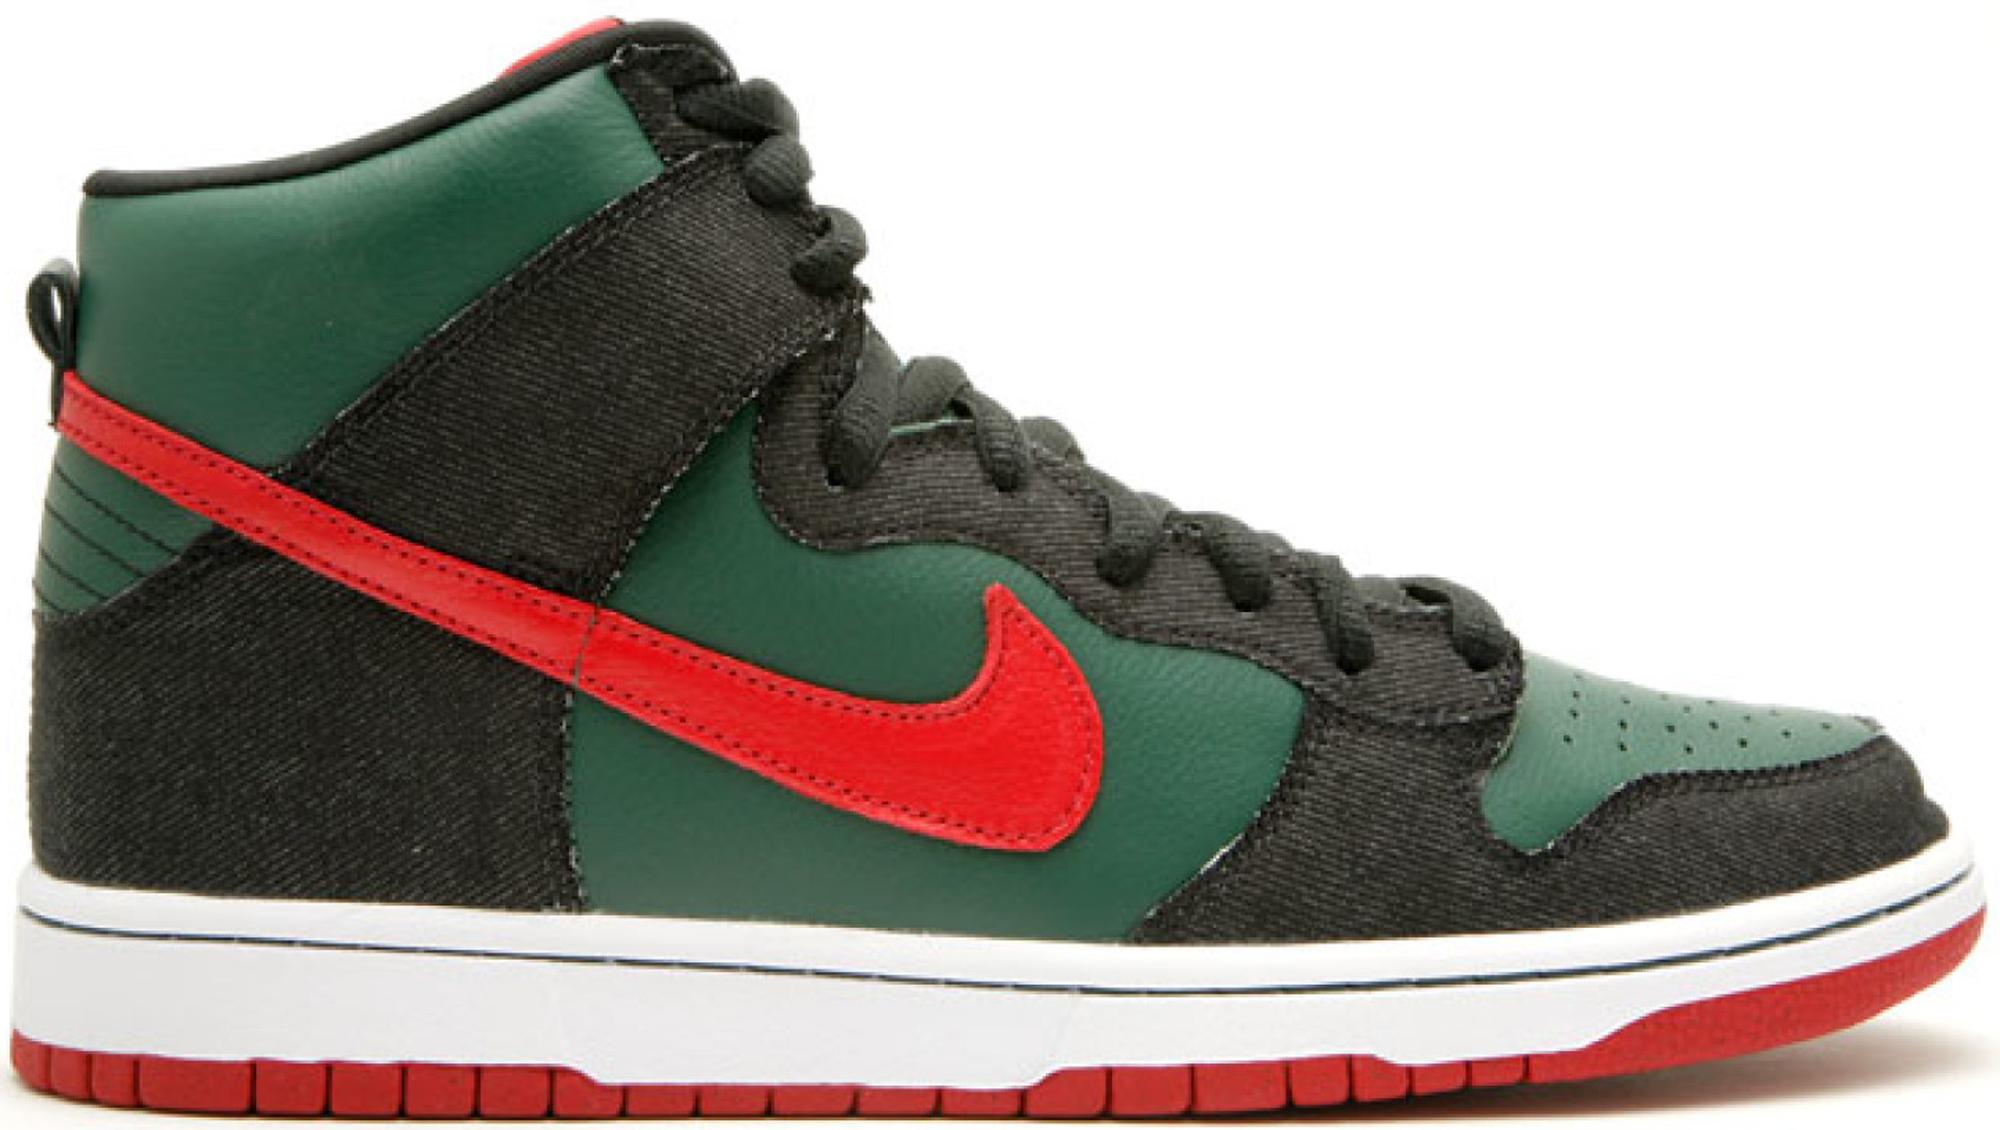 Nike SB Dunk High RESN (2009)